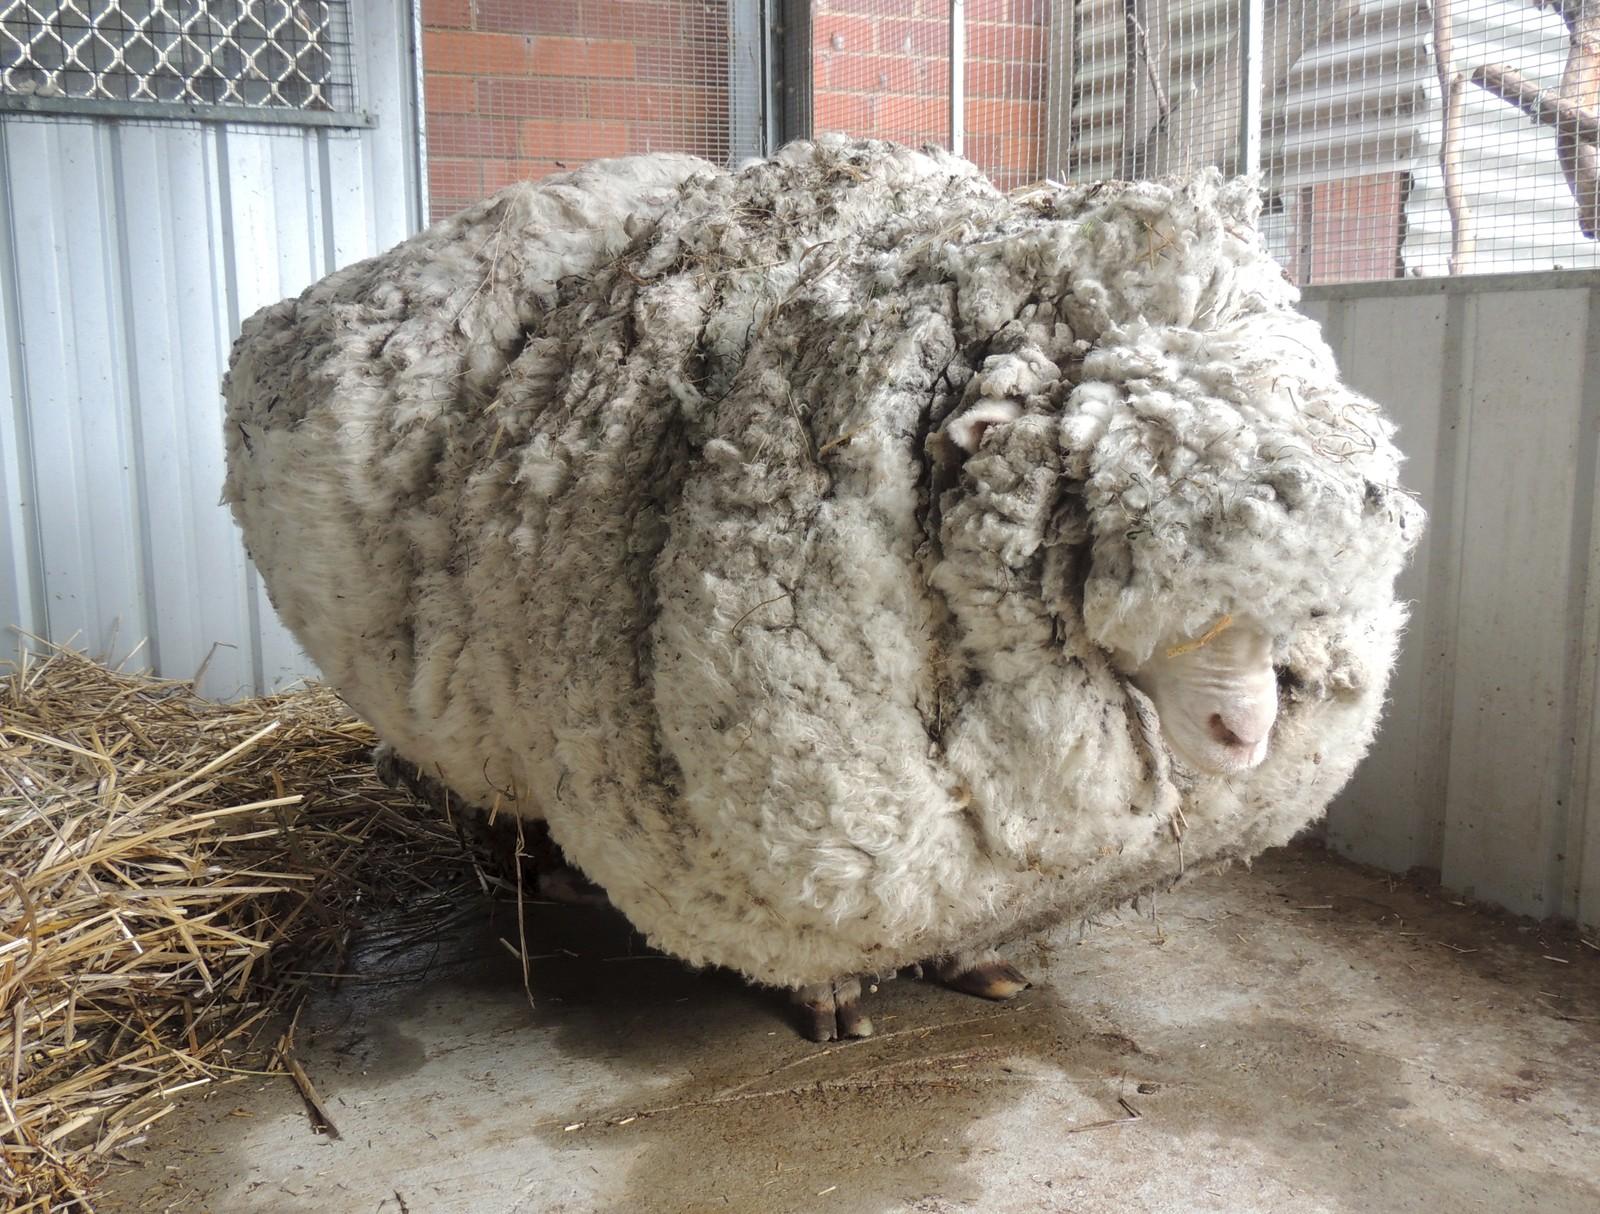 Den australske sauen Chris har gått verden rundt etter at han dukket opp i nærheten av Canberra. Fem år var gått siden han forsvant, og var da verdt sin vekt i ull. 40 kilo måtte klippes av Chris, noe som førte til at han kunne bevege seg atskillig lettere.